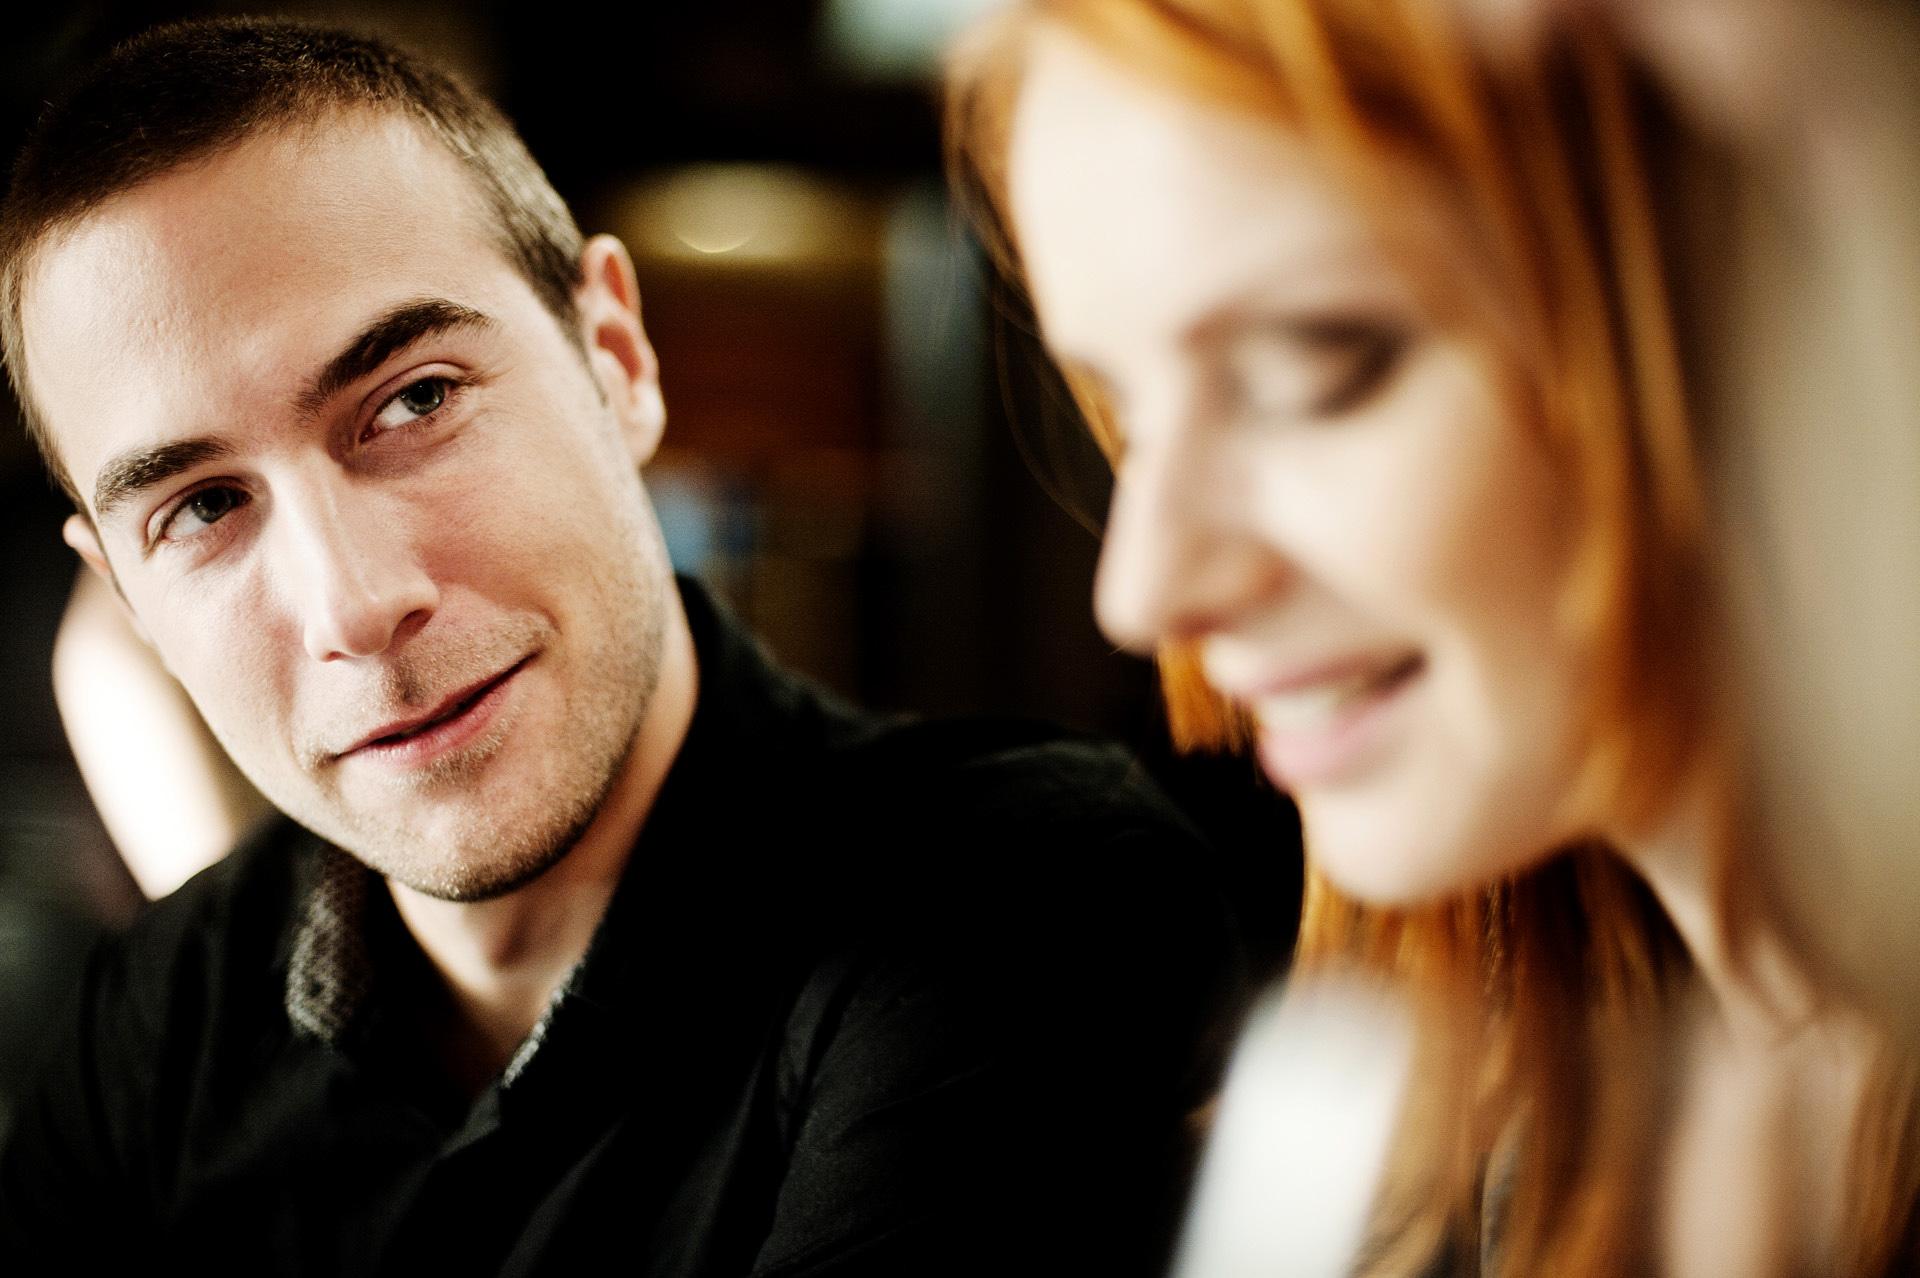 Muž mluví se ženou